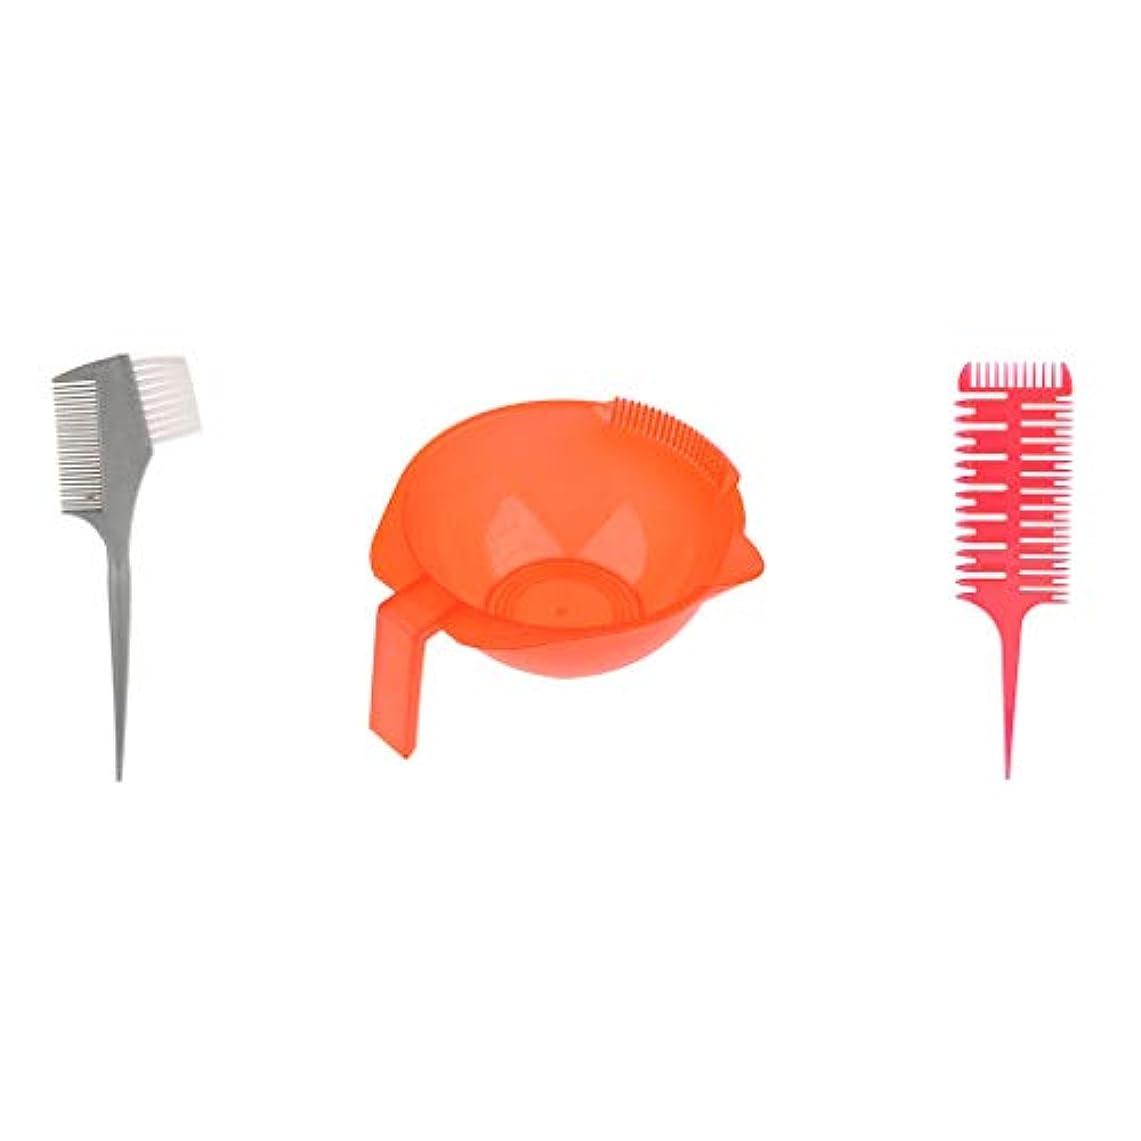 鎮静剤正午音声ヘアダイブラシ プロ用 へアカラーセット DIY髪染め用 サロン美髪師用 ヘアカラーの用具ボウル付き